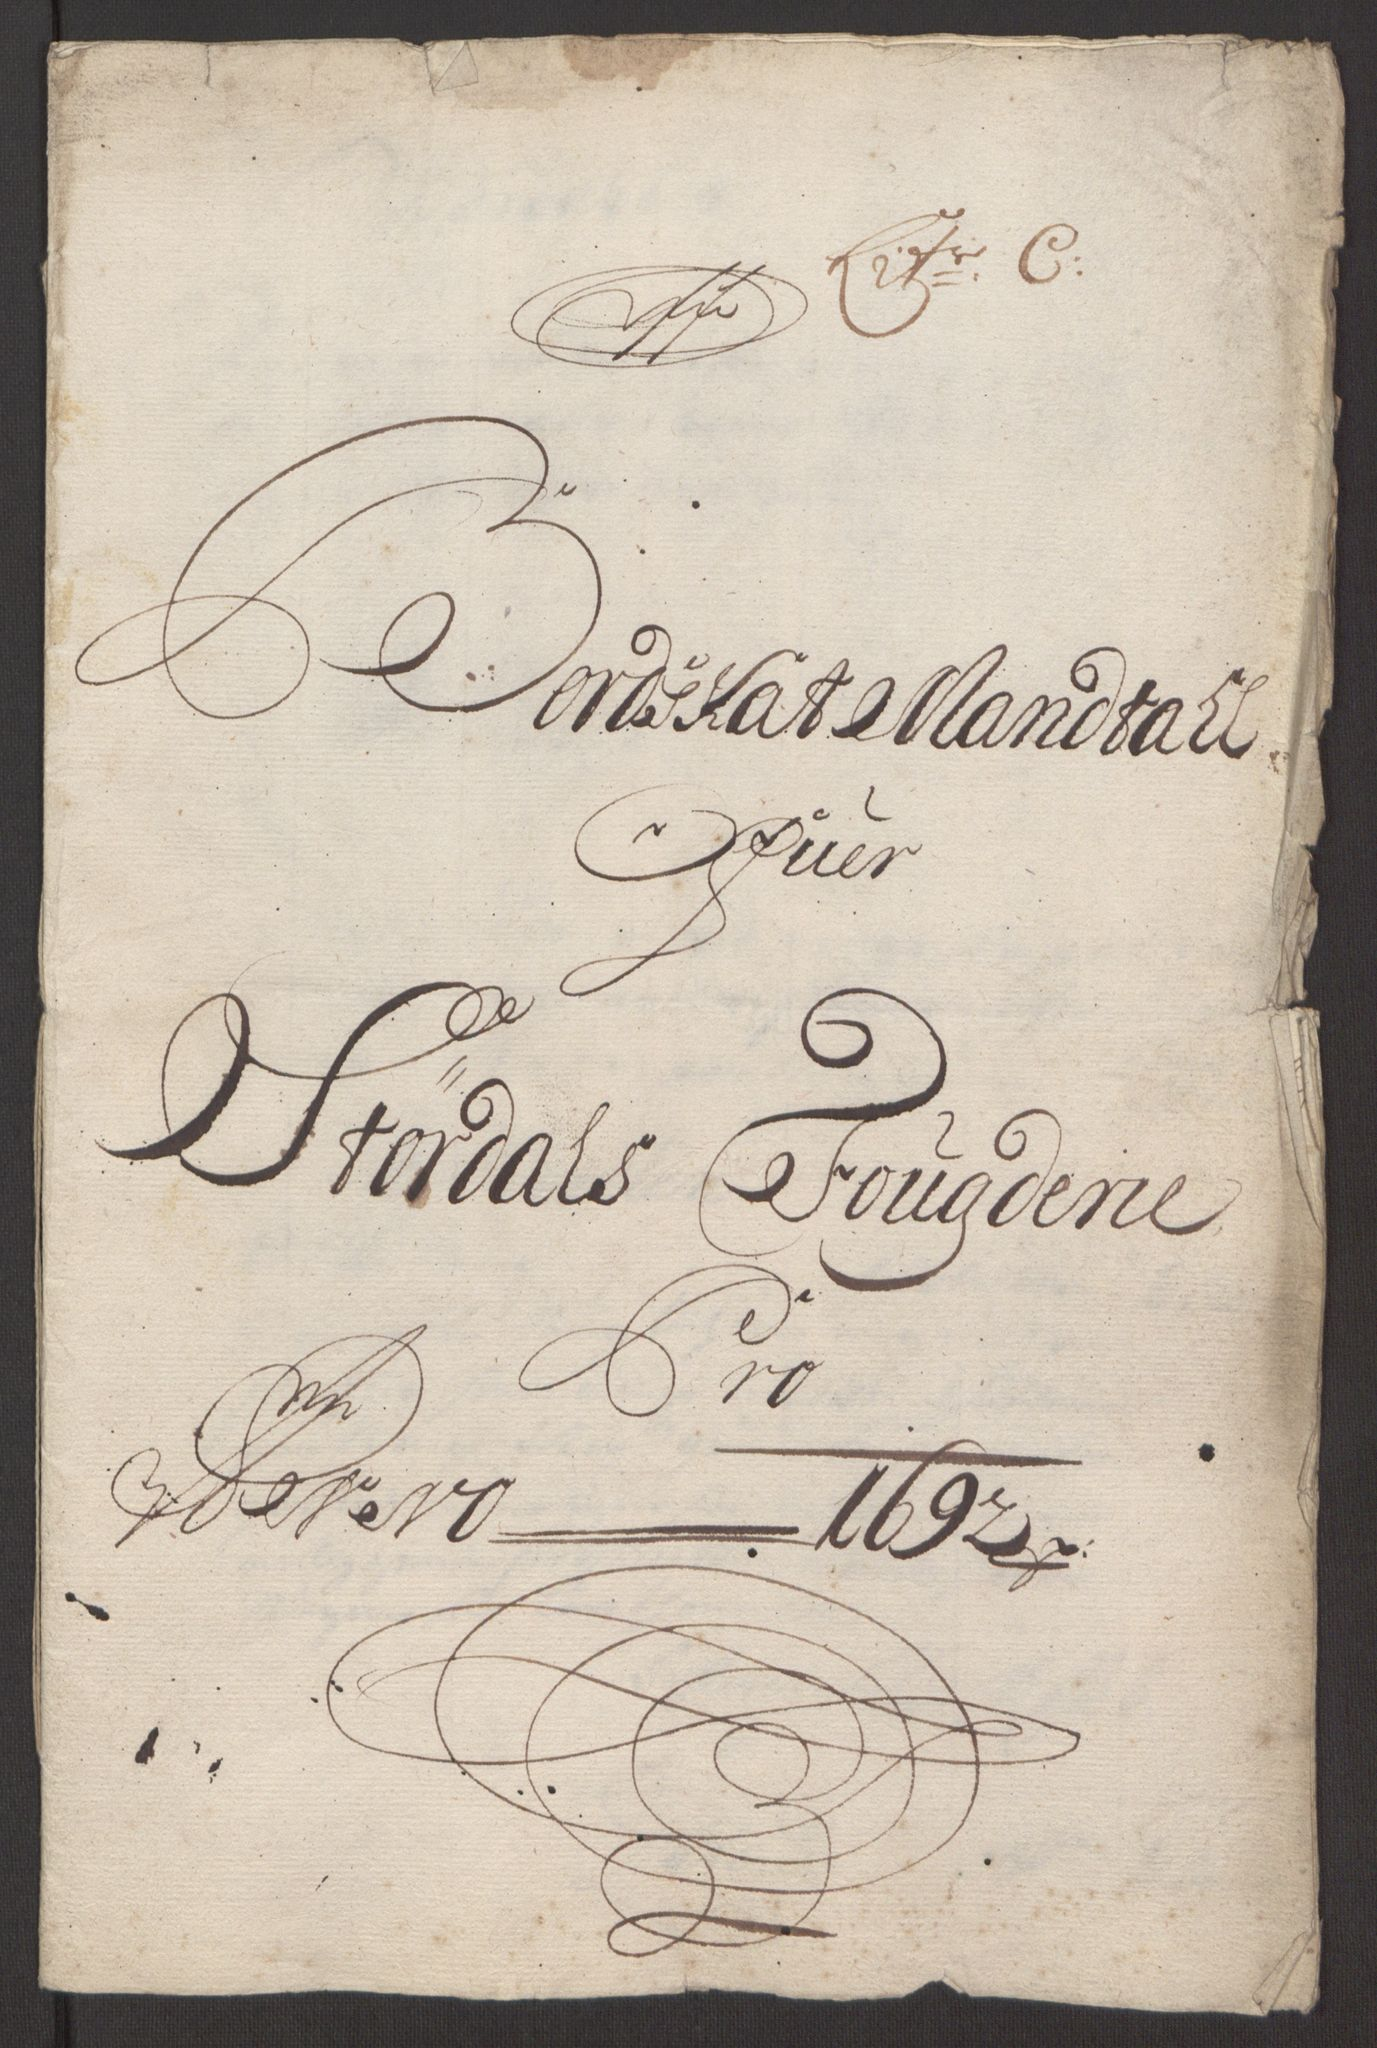 RA, Rentekammeret inntil 1814, Reviderte regnskaper, Fogderegnskap, R62/L4185: Fogderegnskap Stjørdal og Verdal, 1692, s. 87